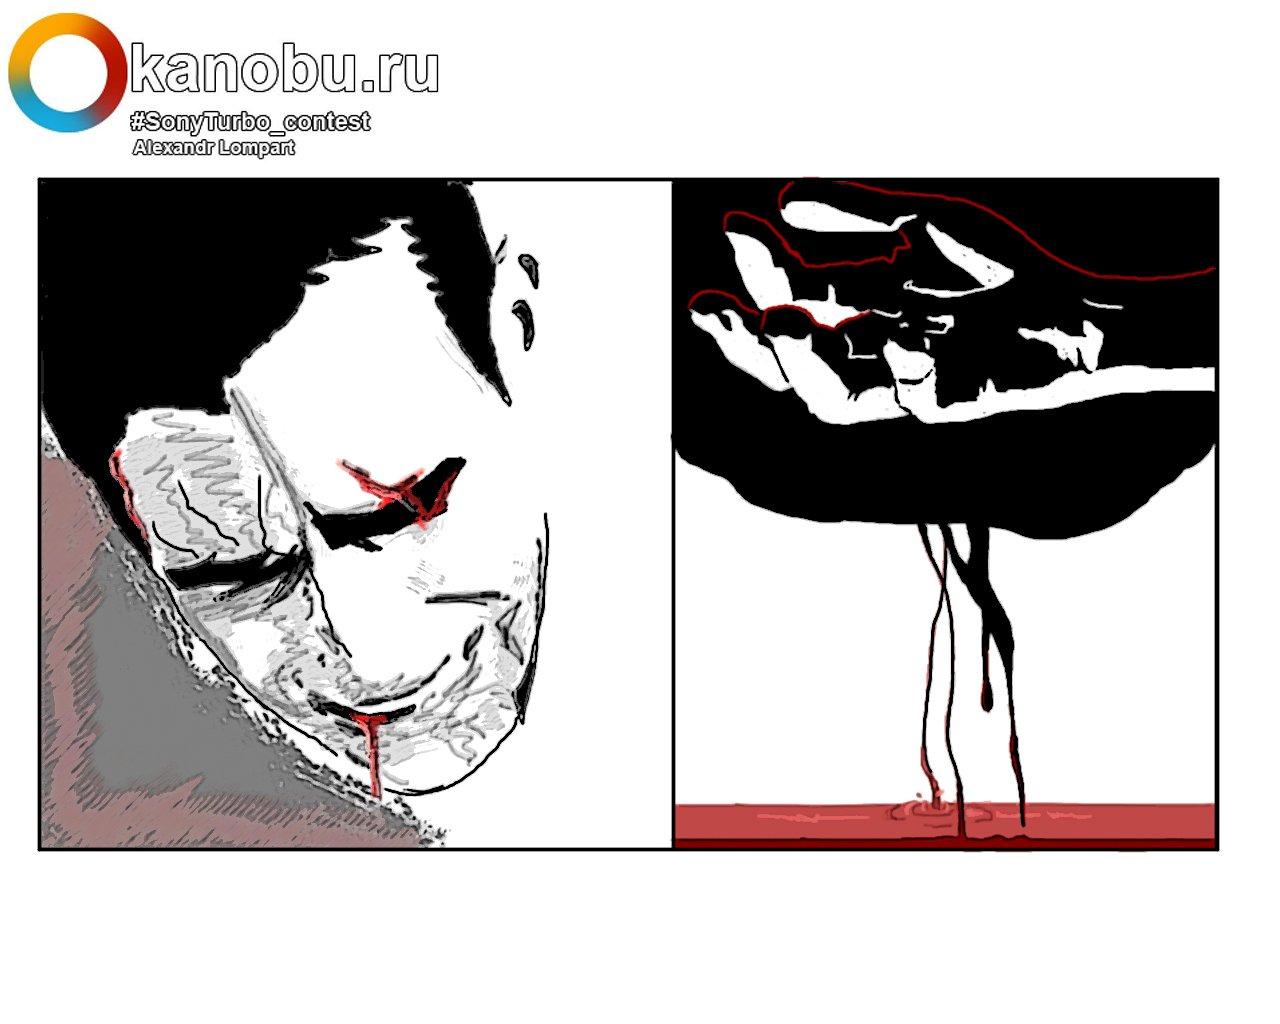 Джеймс Боуви - Изображение 2